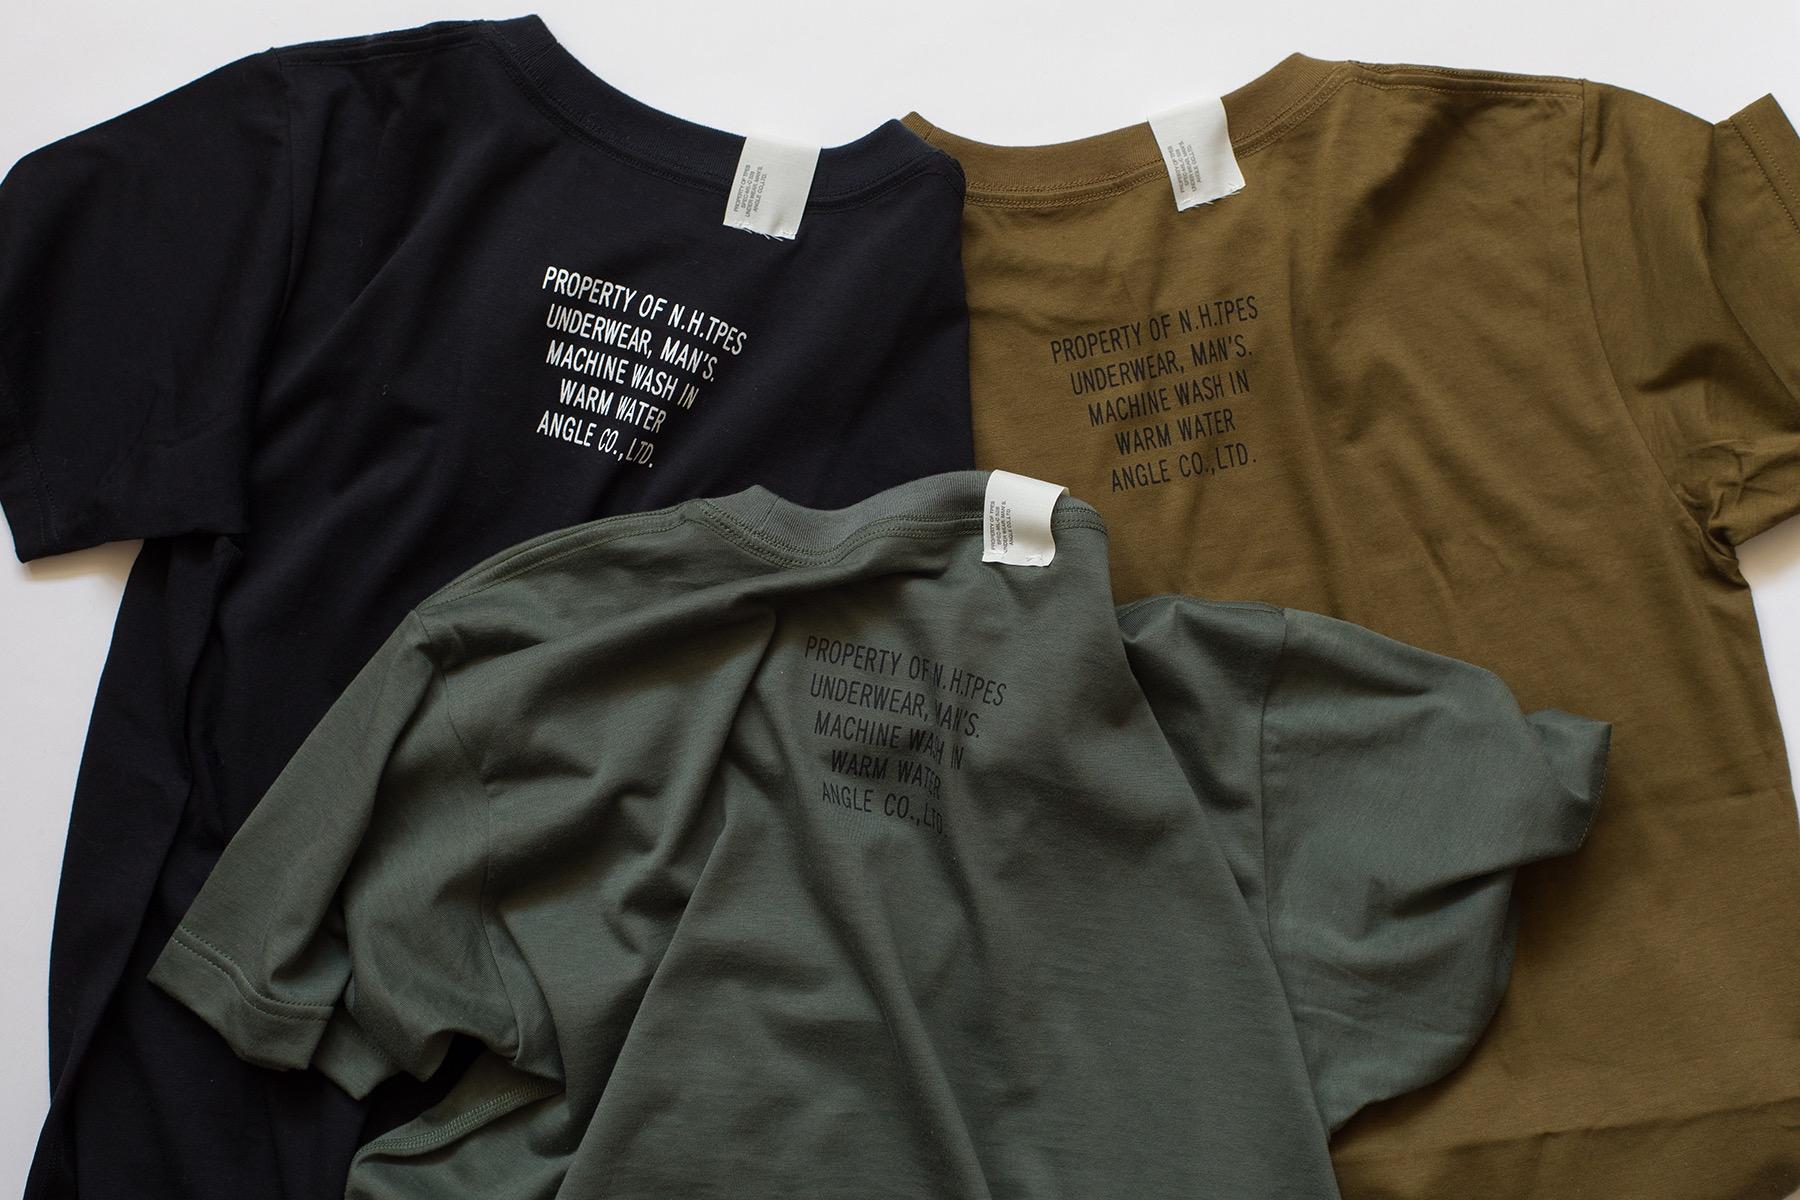 アンダーウェアにはもったいない!デザインの塩梅が絶妙な、<エヌハリウッド>のクルーネックTシャツ